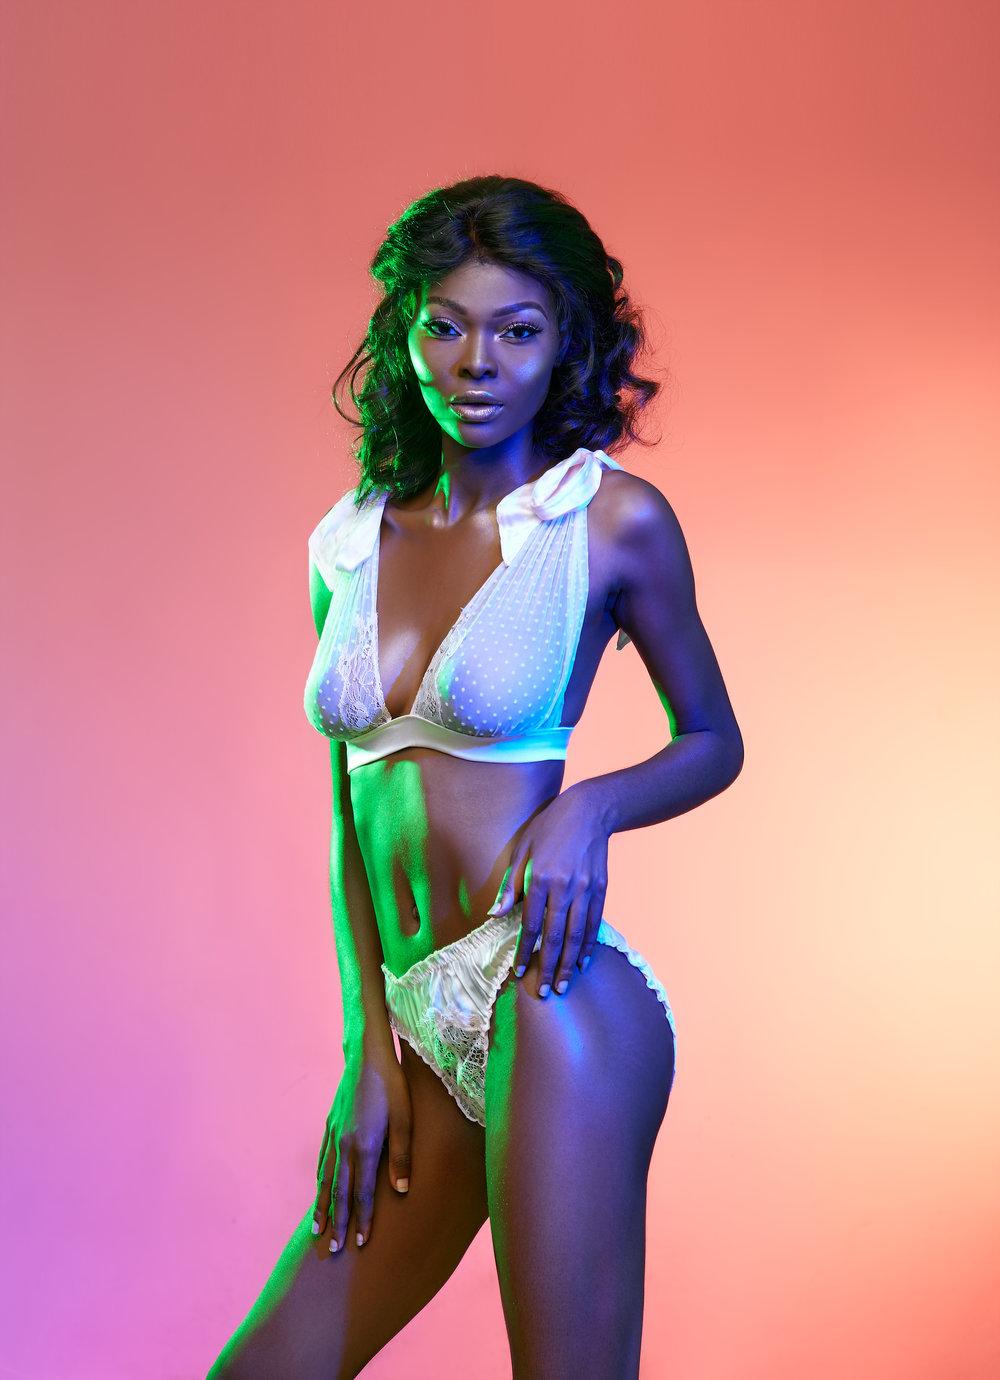 sshhhh_lingerie1667 1.jpg